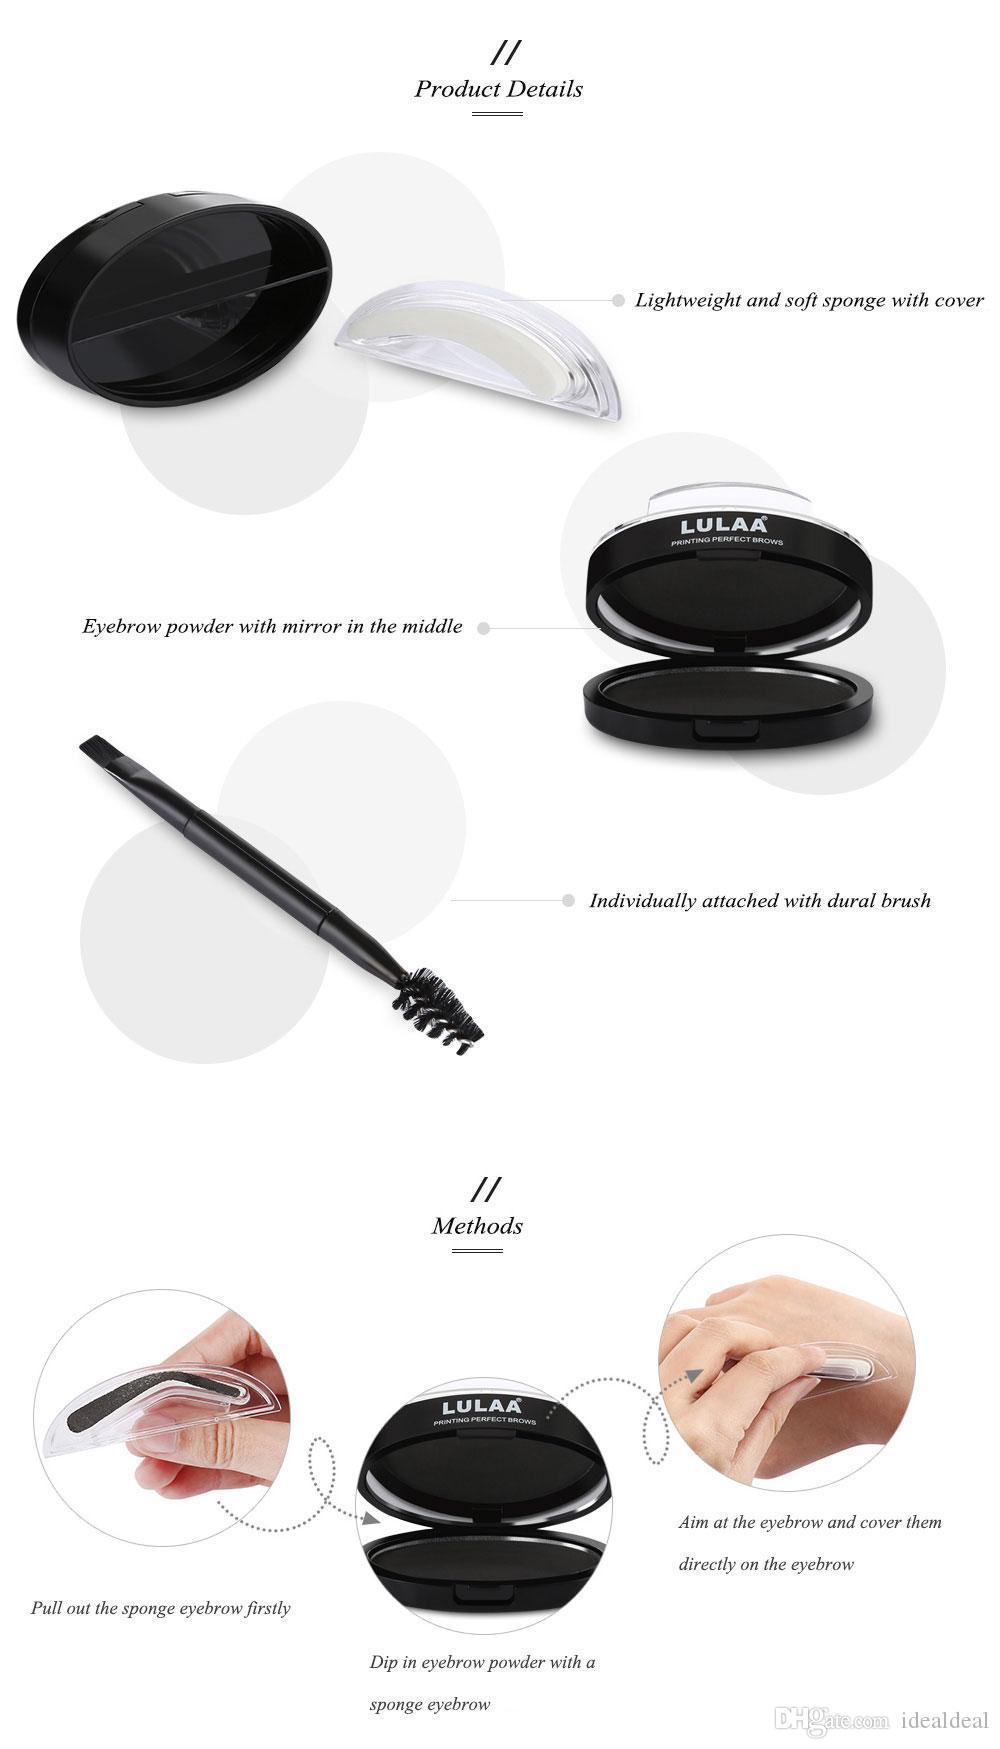 9 форма про природные арочные бровей штамп бровей марки порошок палитра Delicated красоты макияж инструмент бровей порошок печать с кистью